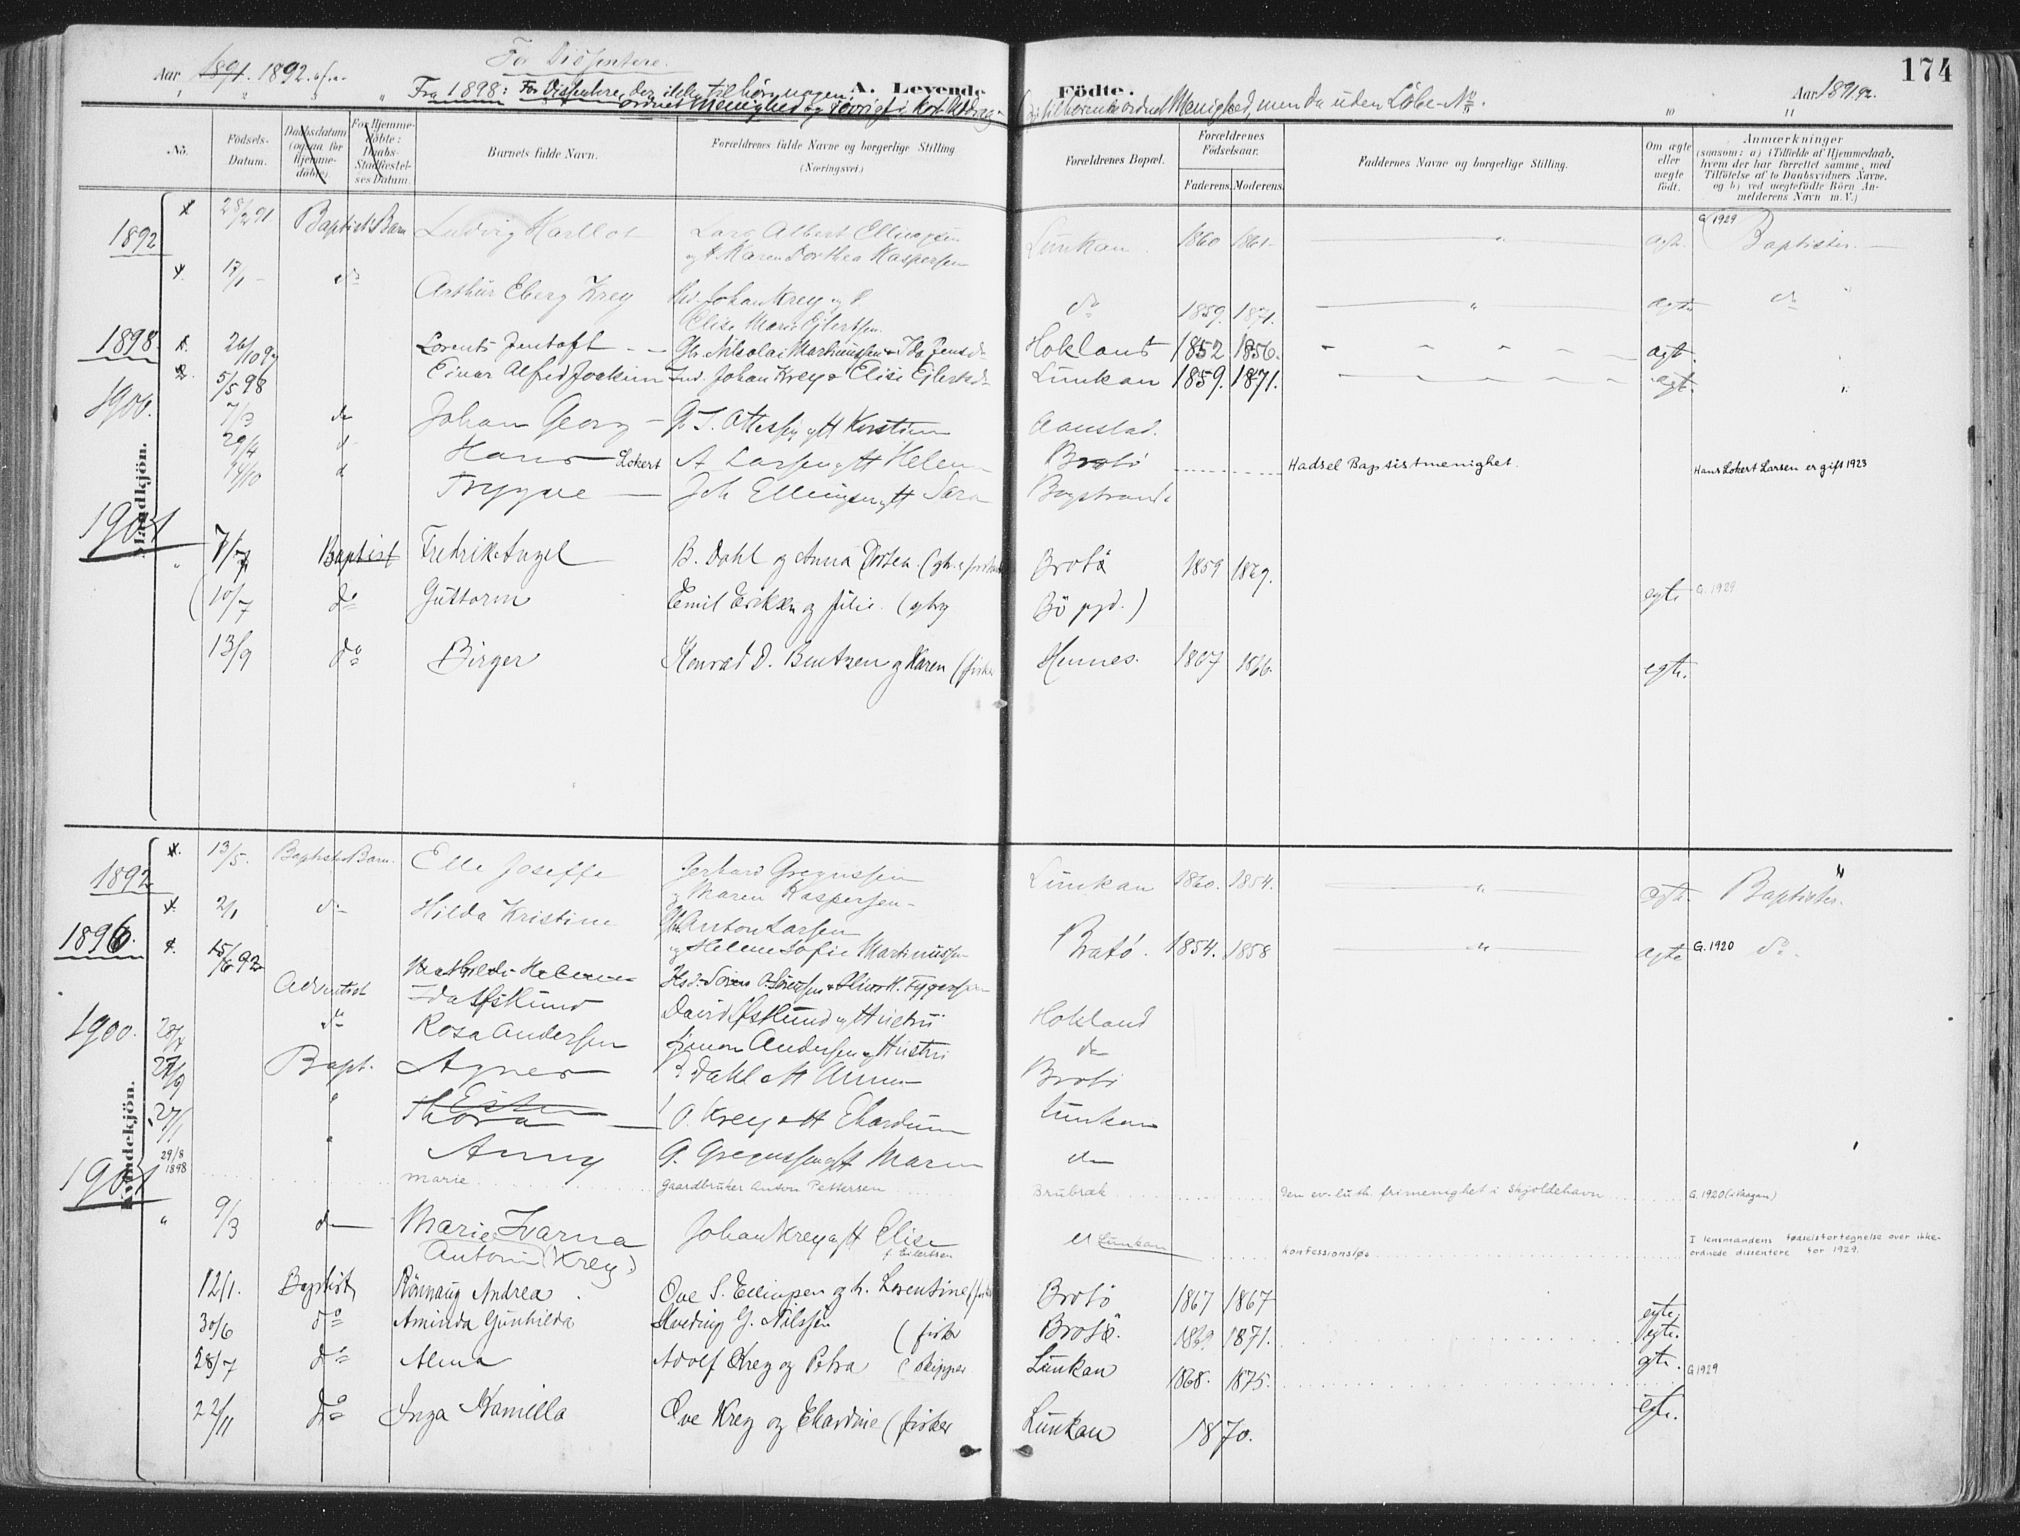 SAT, Ministerialprotokoller, klokkerbøker og fødselsregistre - Nordland, 888/L1246: Parish register (official) no. 888A12, 1891-1903, p. 174